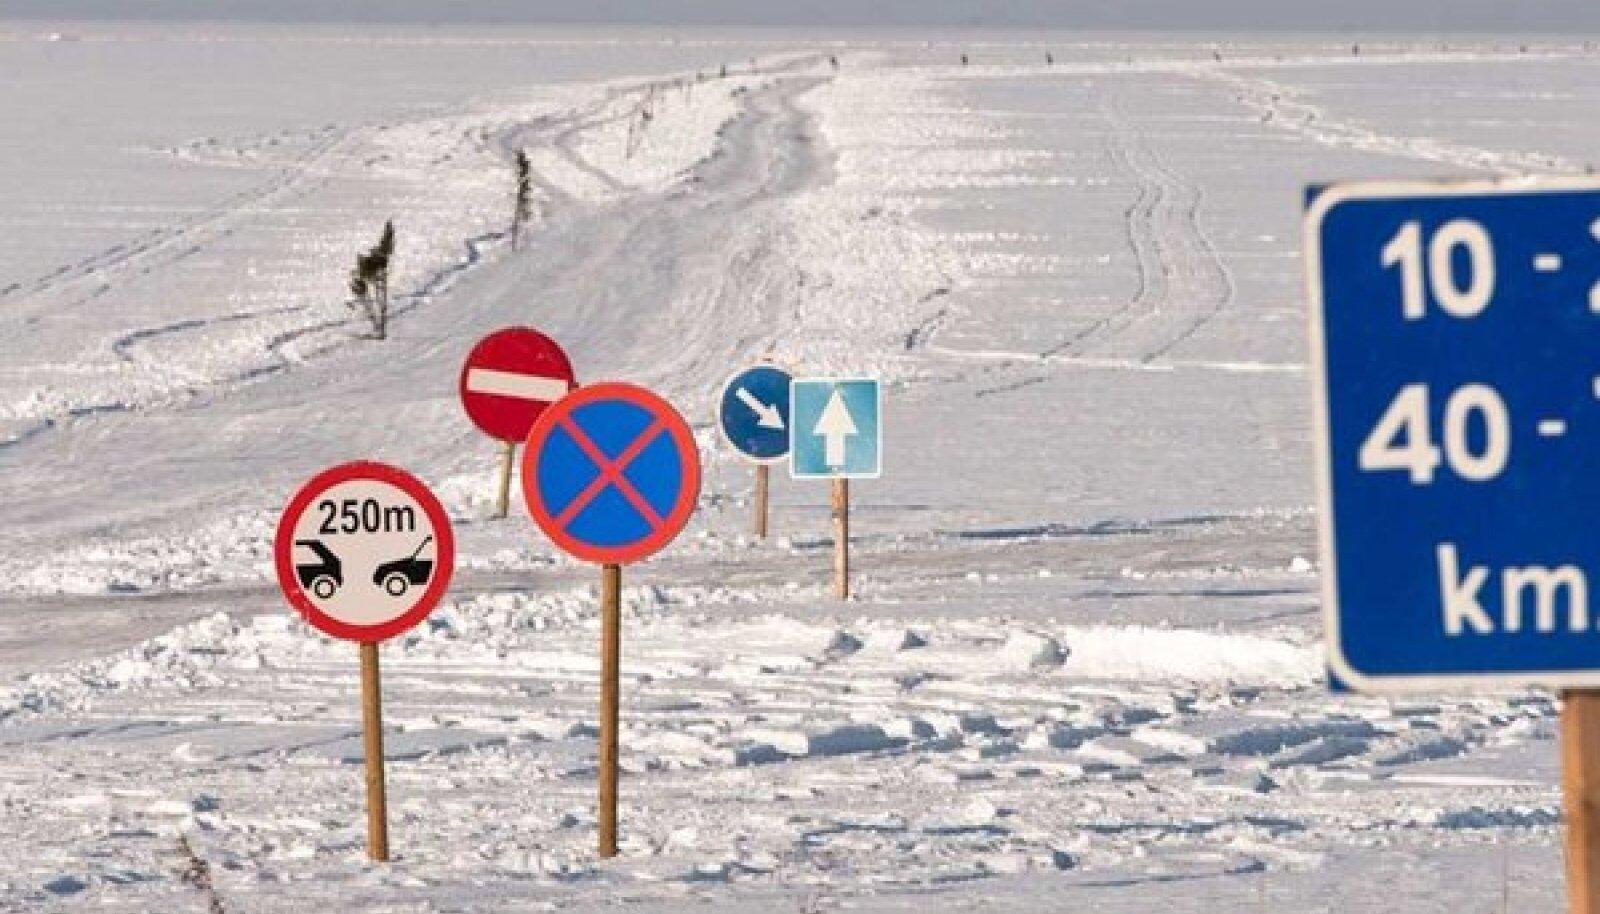 Heal külmal talvel avatakse Eestis kõik kuus jääteed.